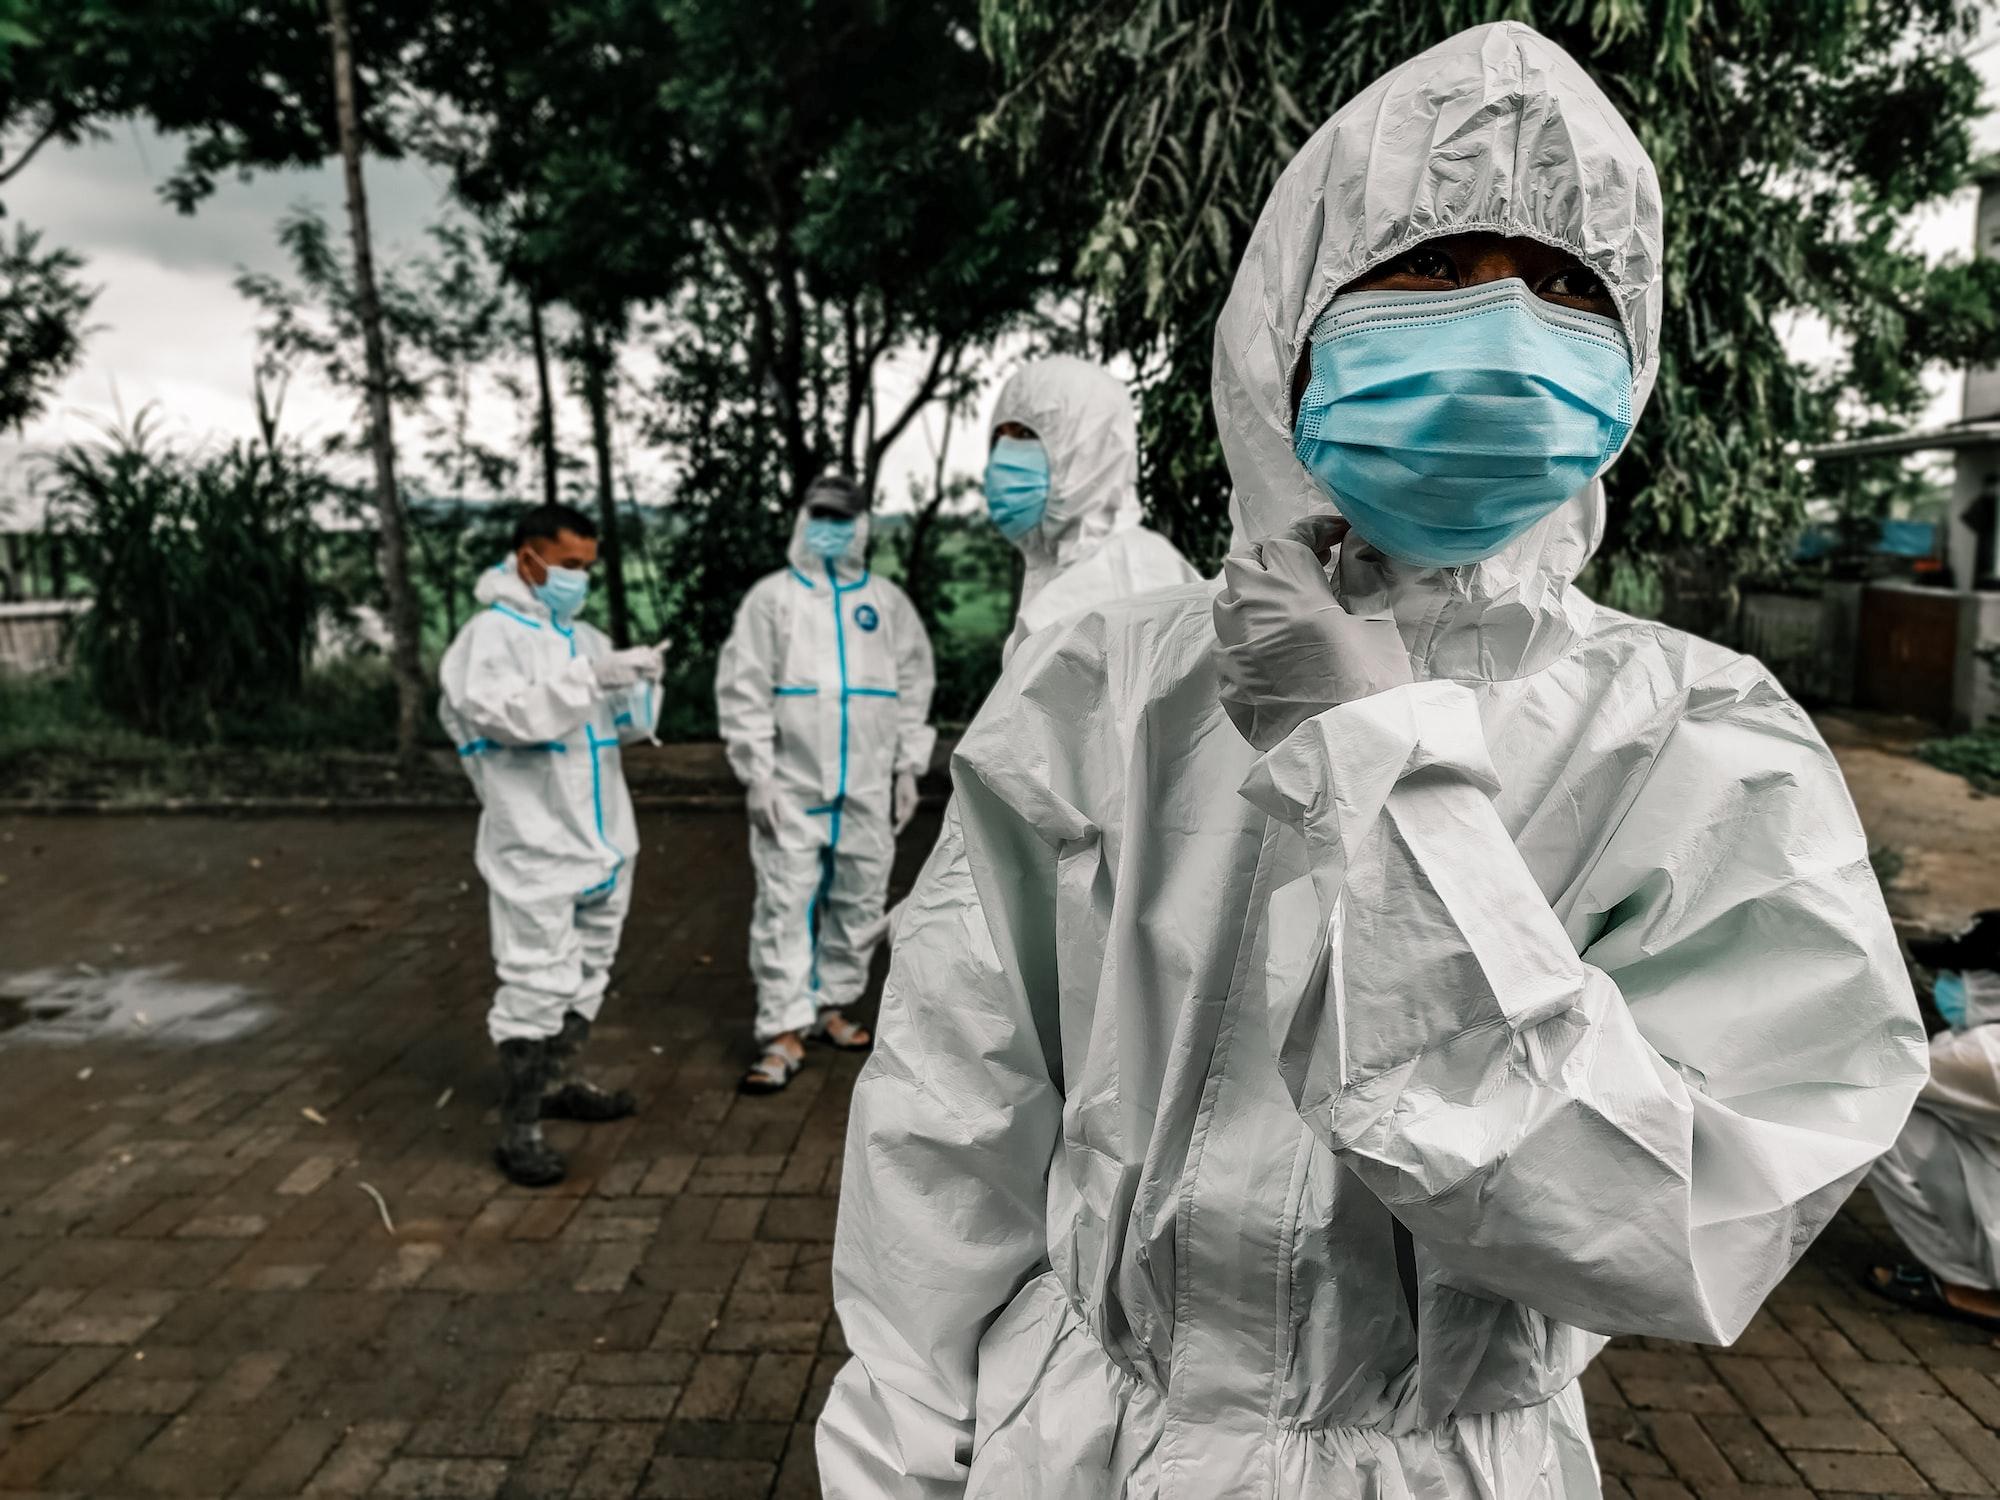 Koronawirus Małopolska [12 października]: Szczegółowe dane - zakażenia, zgony